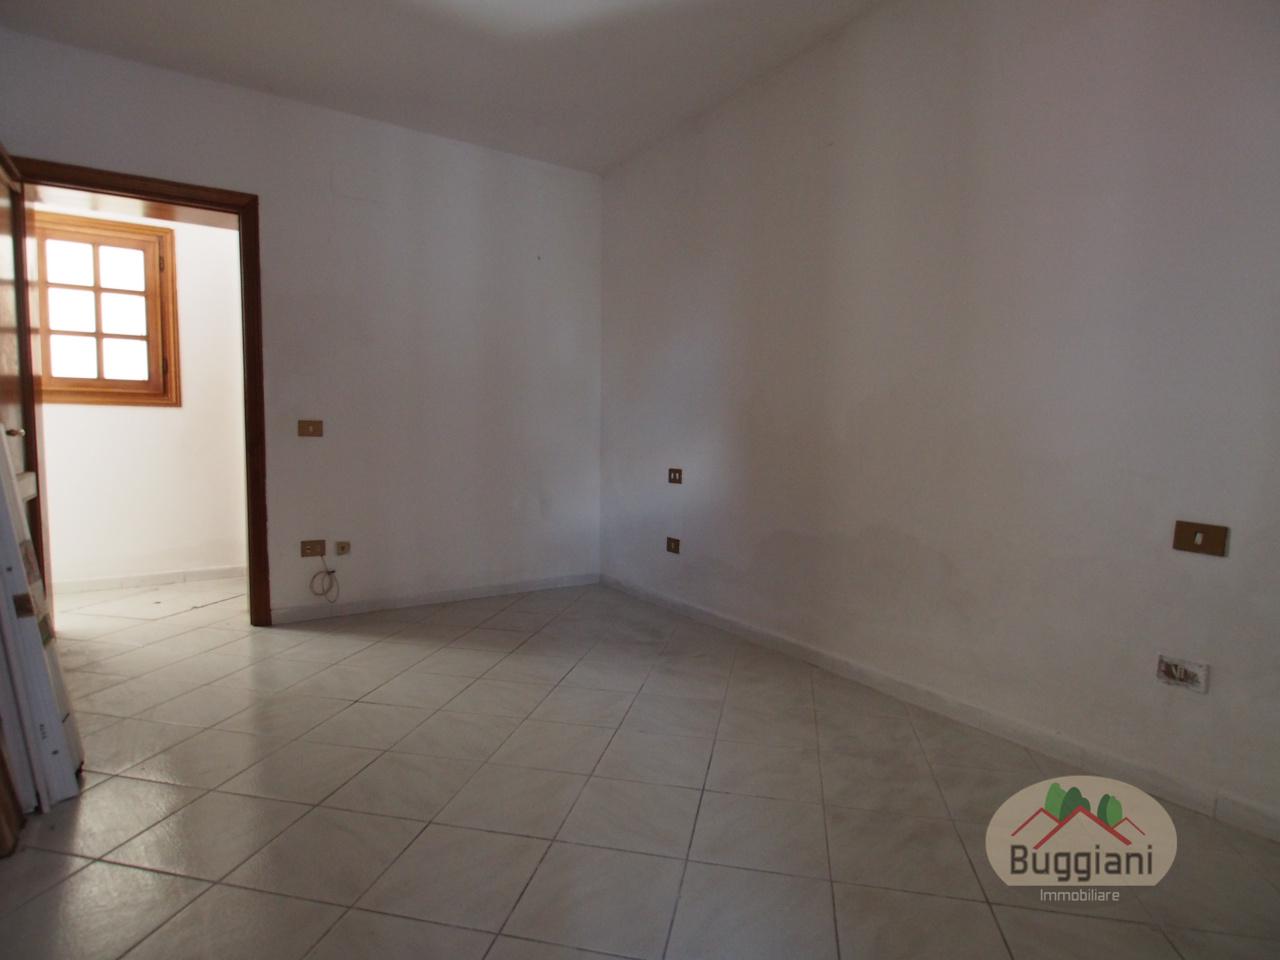 Appartamento in vendita RIF. 1676, San Miniato (PI)